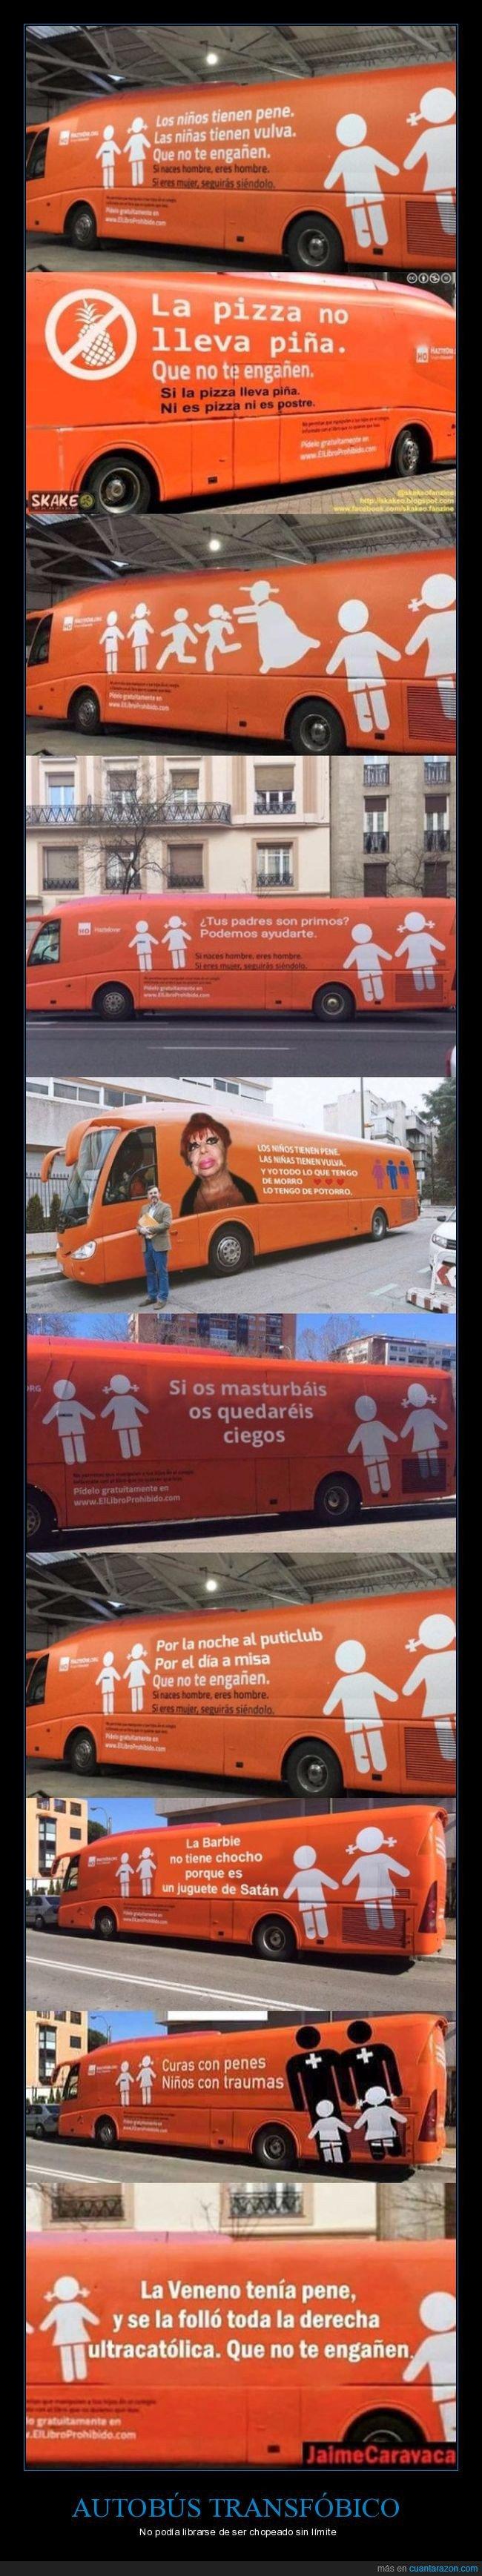 cr_1036807_el_autobus_homofobico_de_hazteoir_es_chopeado_sin_limites_desc_ojone_asegurado